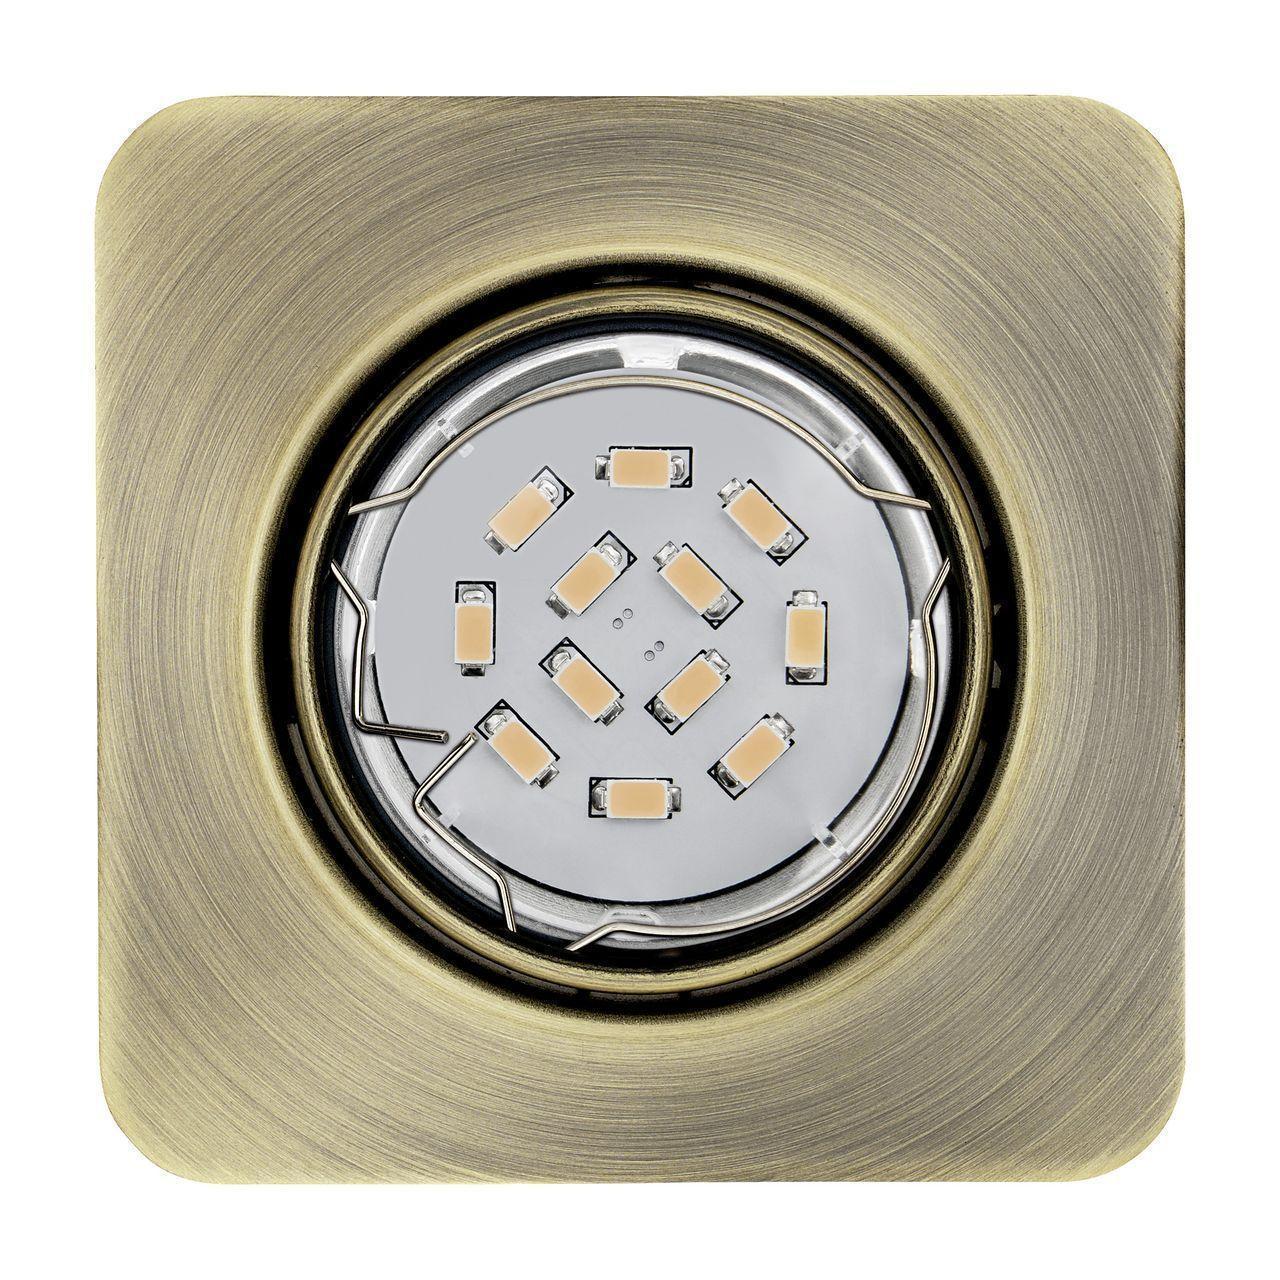 Встраиваемый светильник Eglo Peneto 94265 eglo встраиваемый светильник eglo peneto 94239